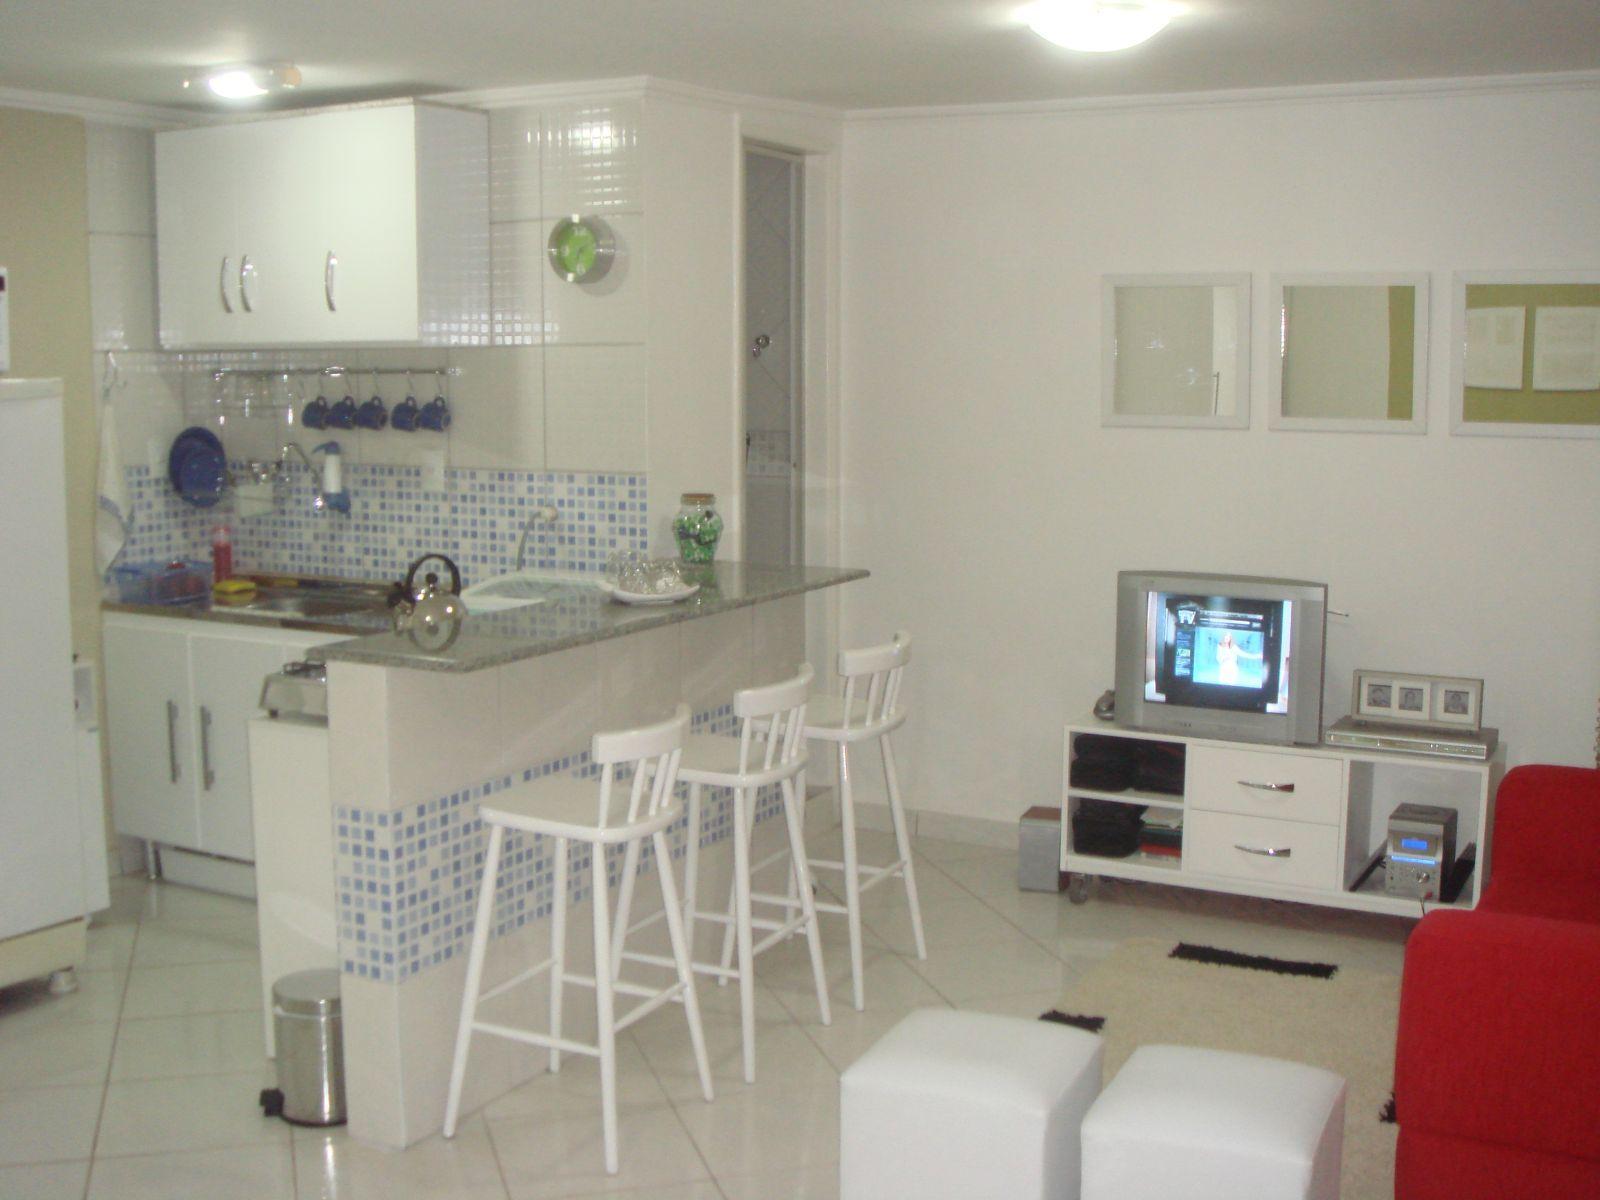 Casa Decoracao Kitnet Incrivelmente Linda A Casa Do Leitor Tiny